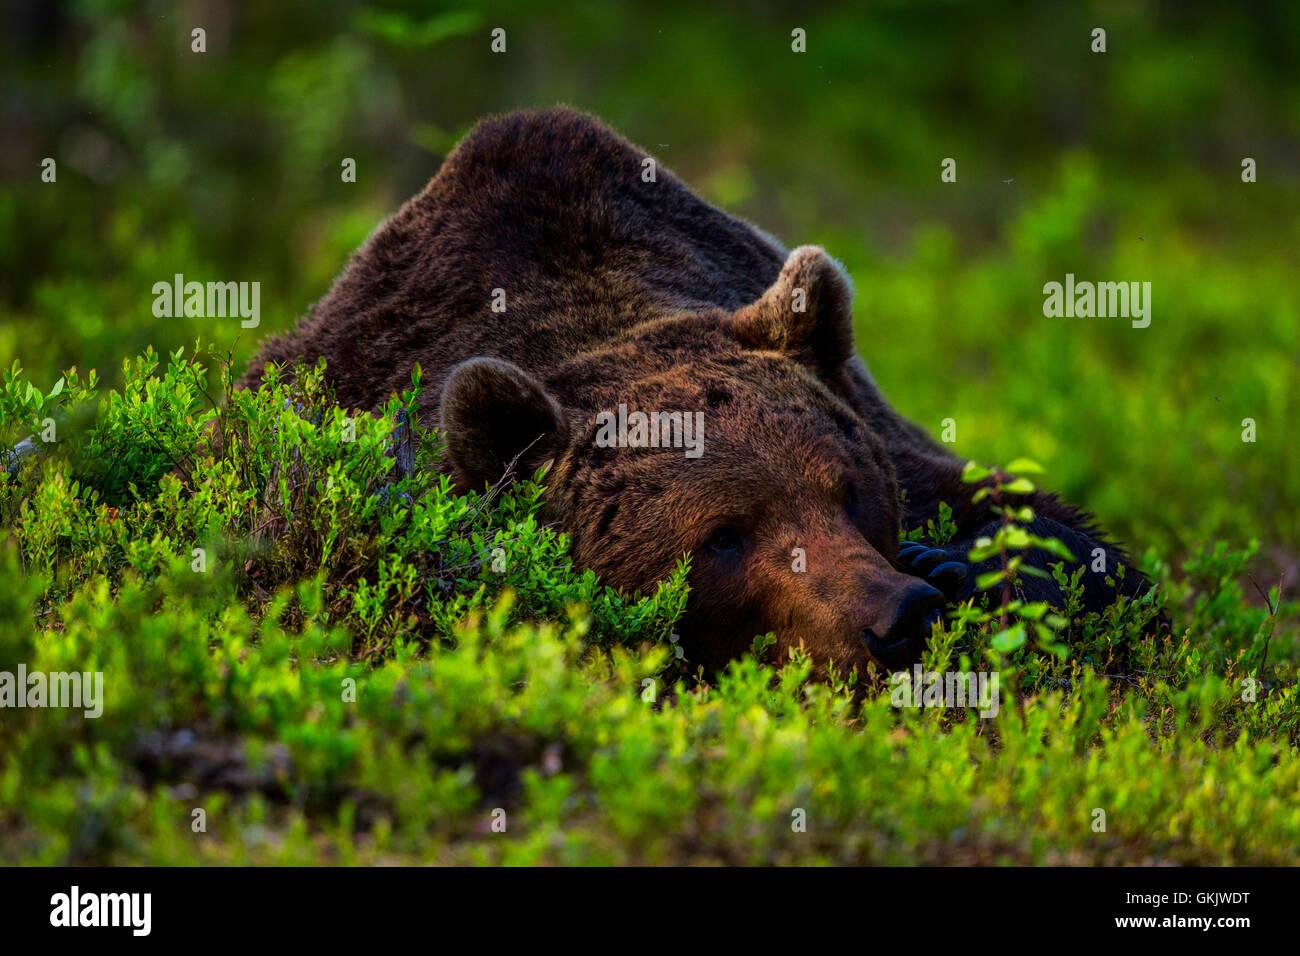 Un retrato de un oso pardo, Finlandia. Imagen De Stock